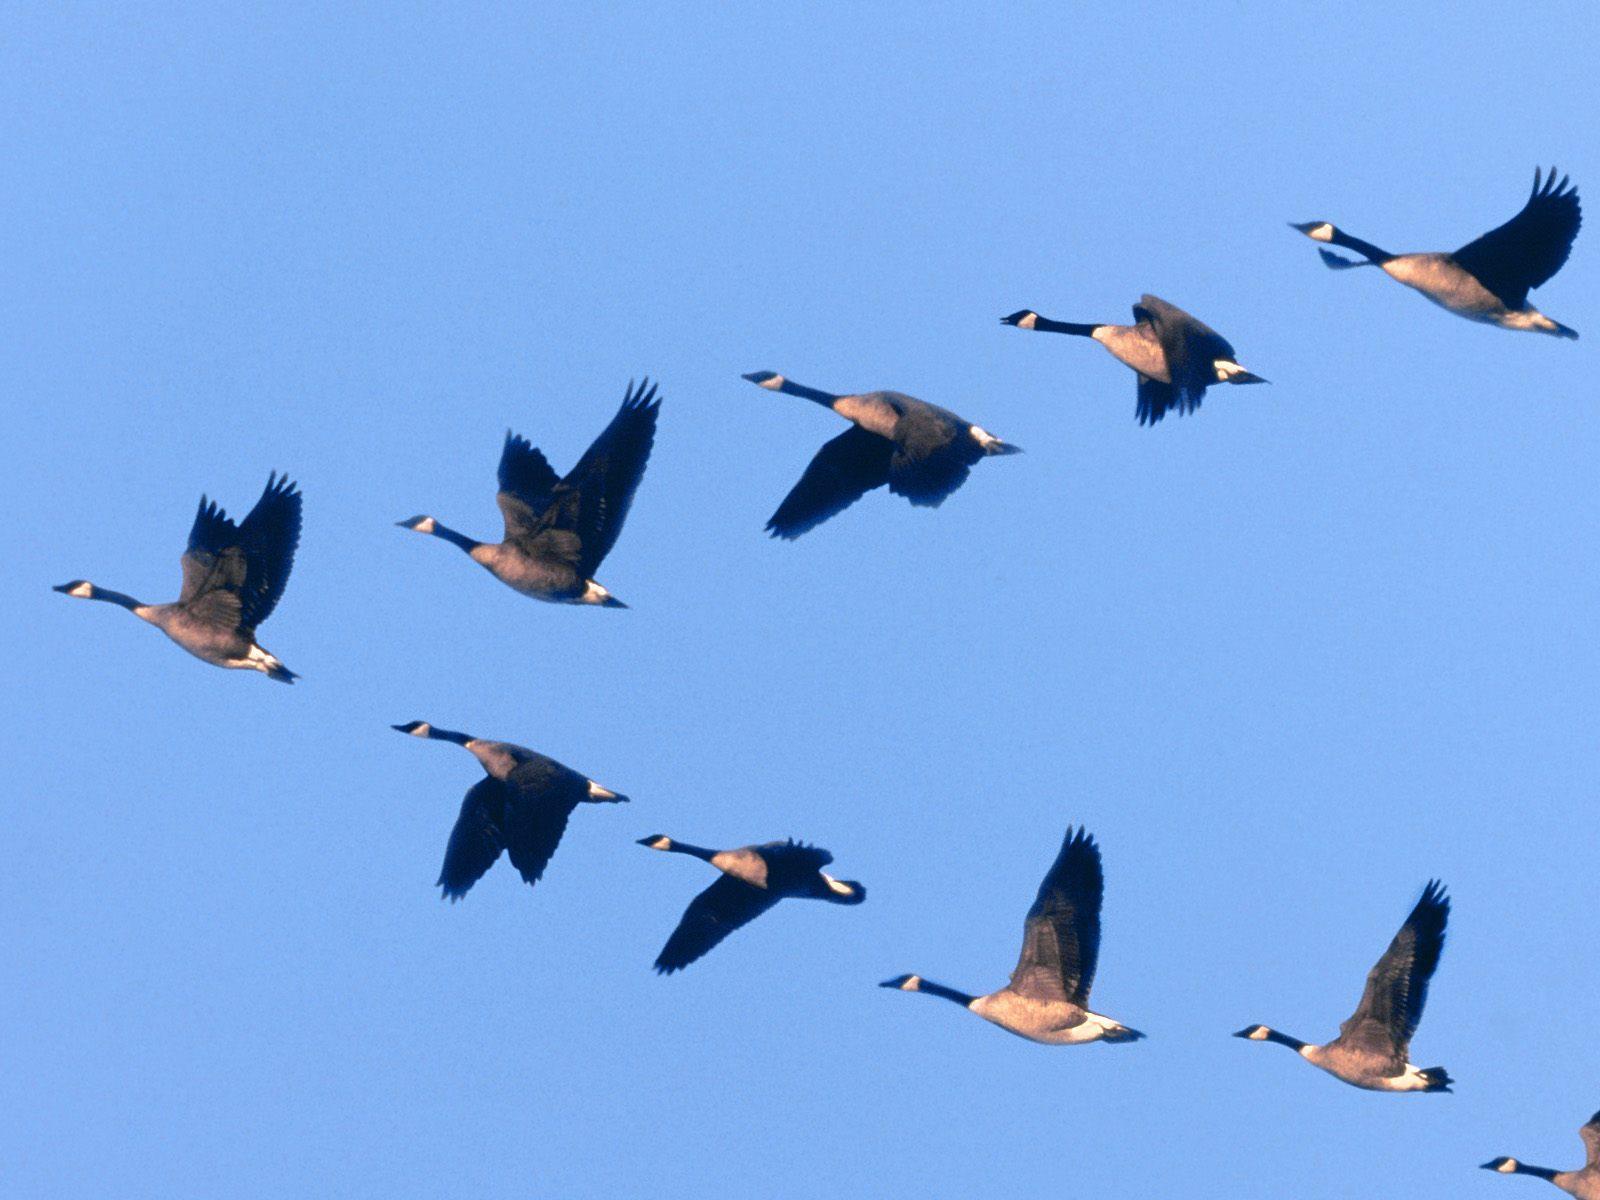 осенью улетают птицы картинки